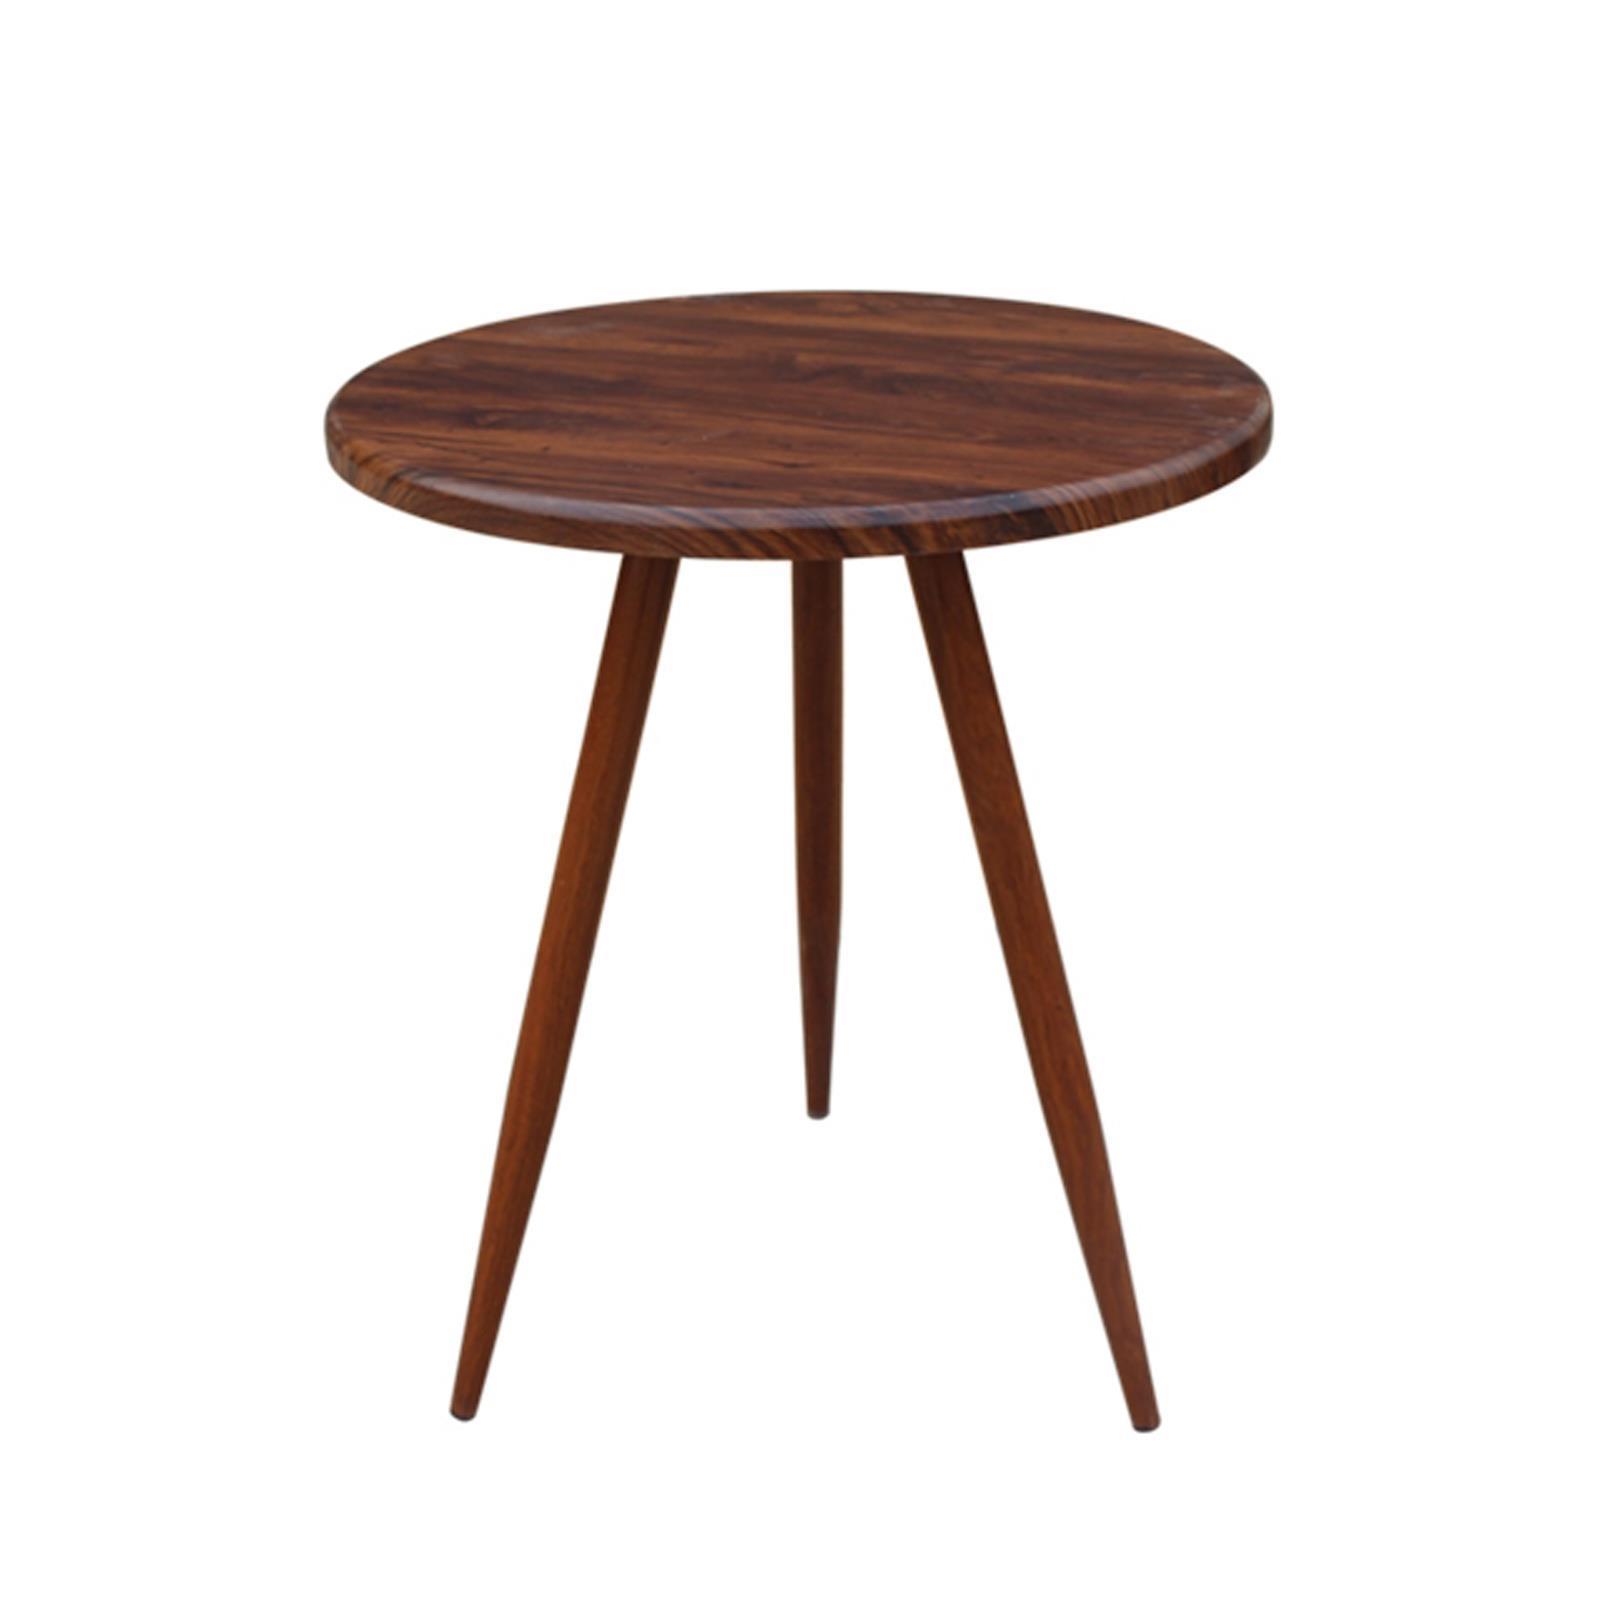 NATURALE τραπέζι καρυδί Υ70xØ60εκ.